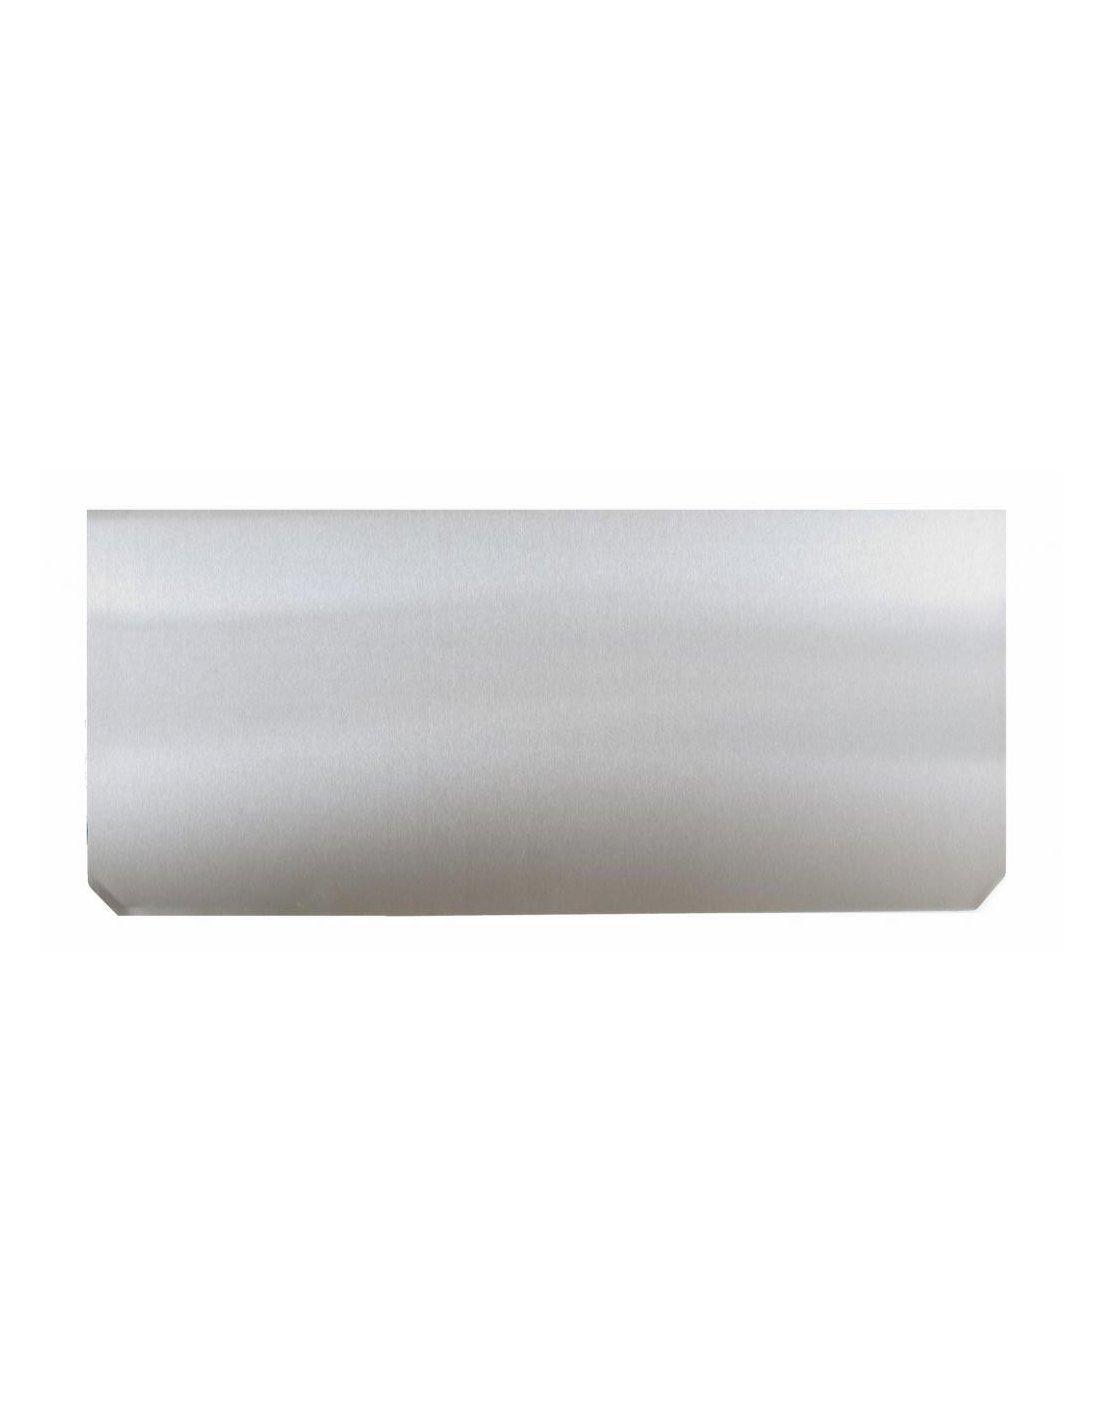 Plancha de suelo acero inoxidable iberica del fuego - Plancha de acero inoxidable precio ...